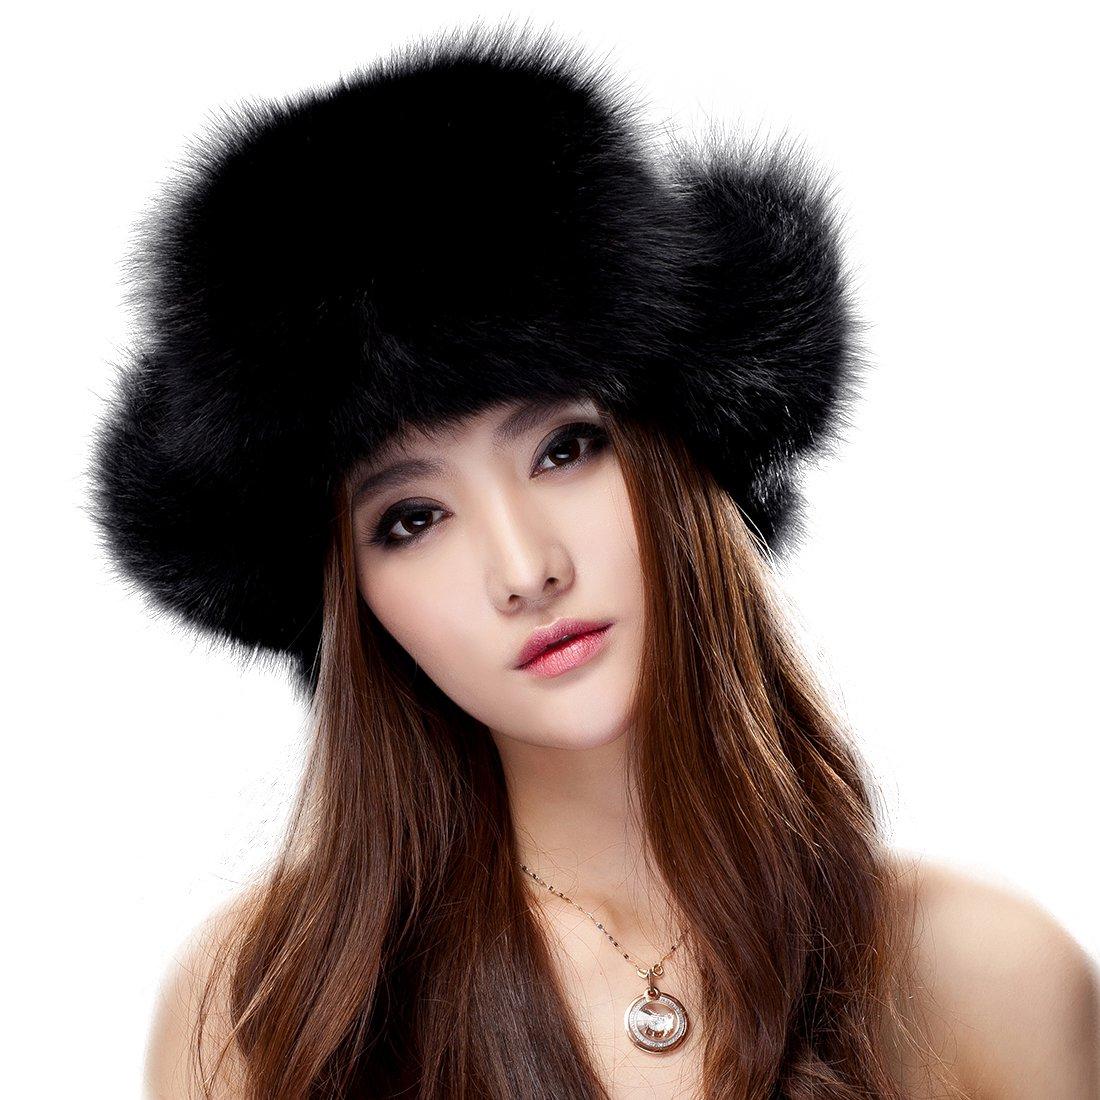 URSFUR Womens Black Fox Fur & Fabric Russian Ushanka Trapper Hat with Pom Poms